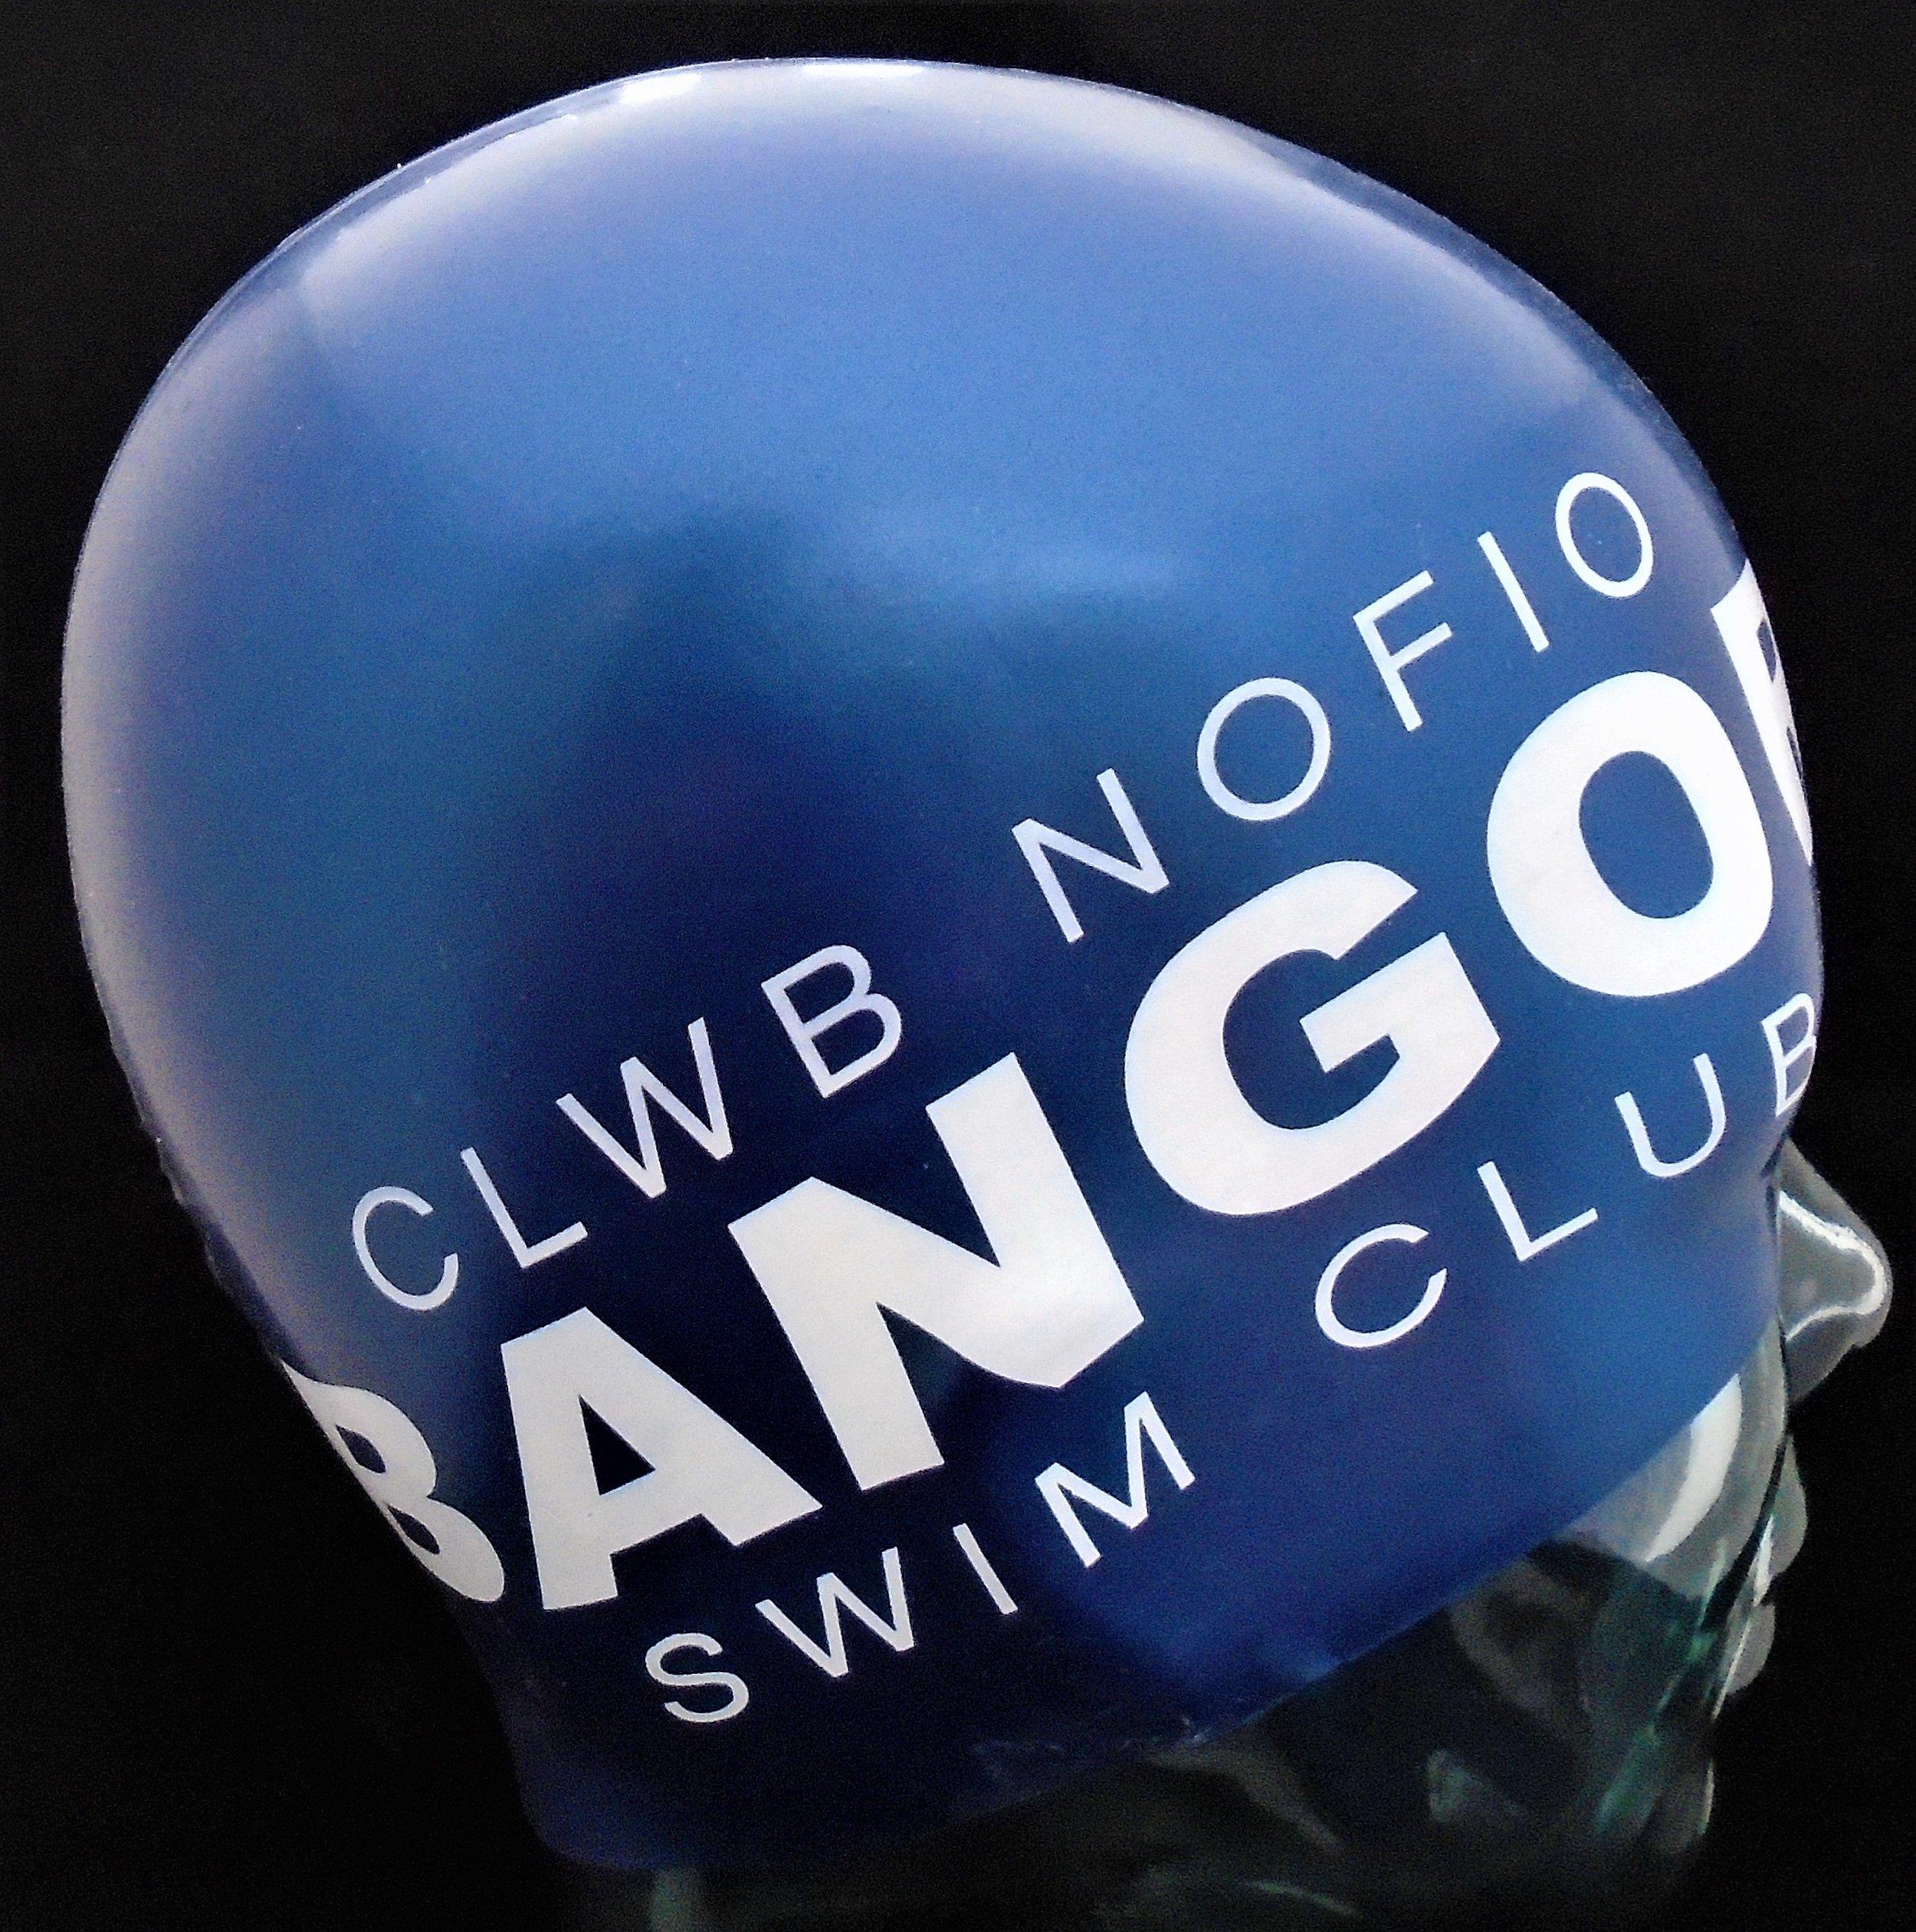 Bangor ASC navy side 2.jpg